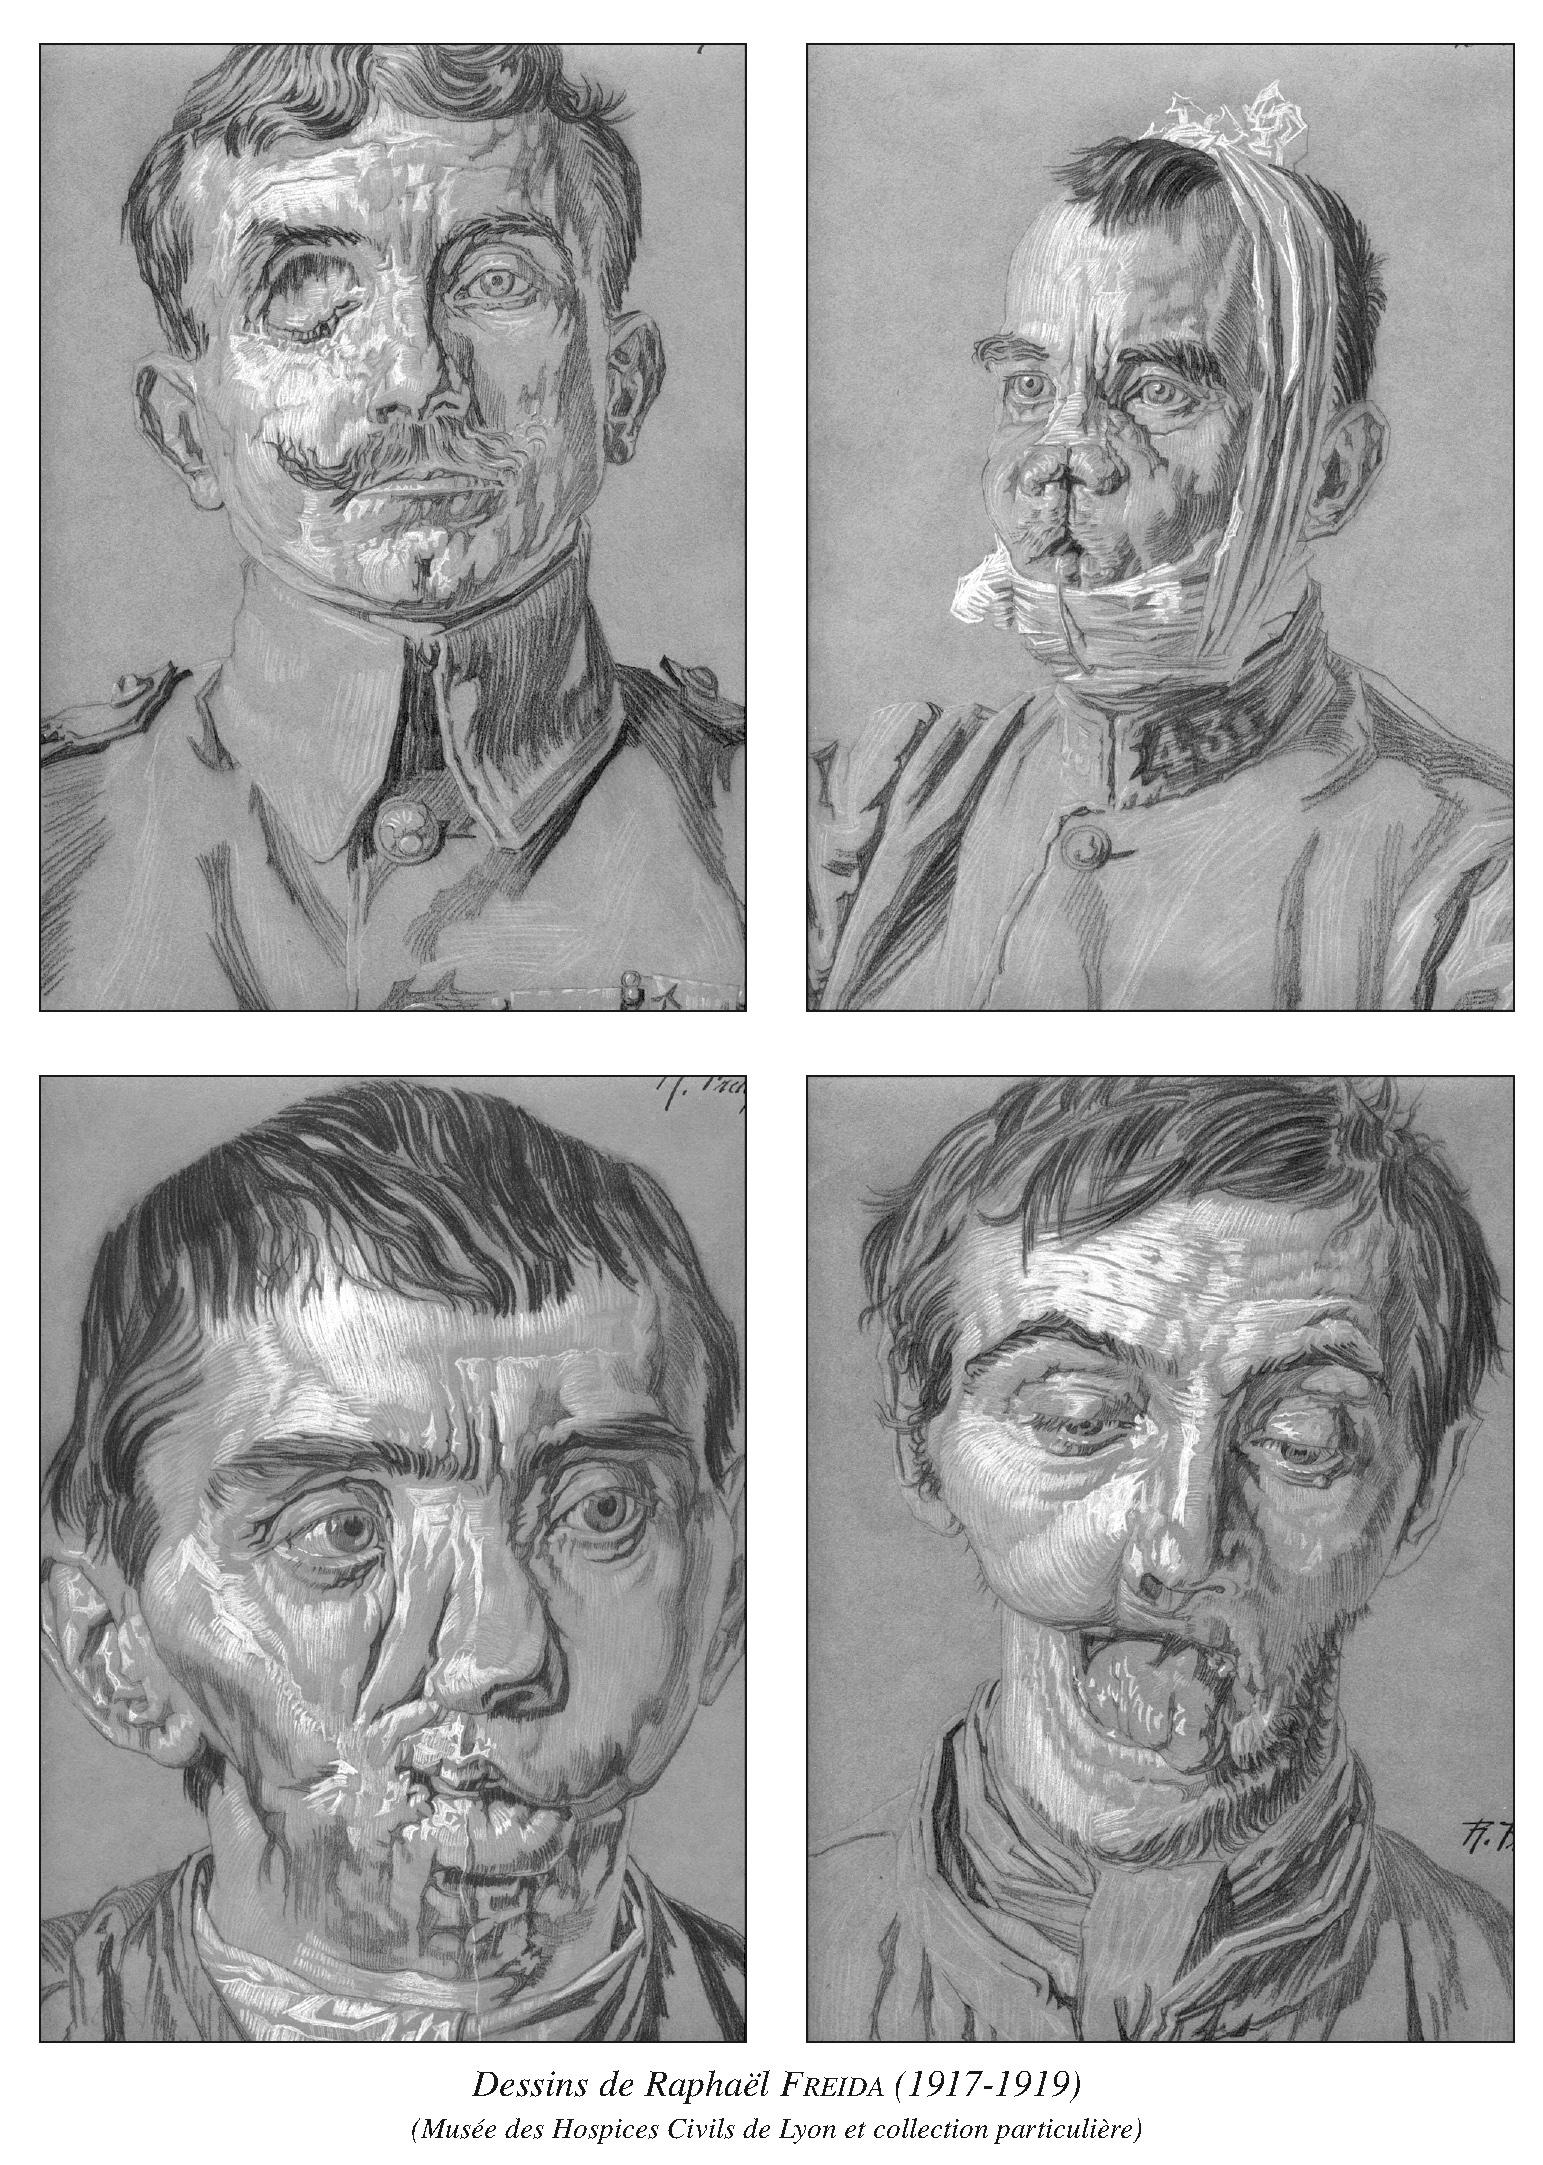 Les Etonnants Dessins De Raphael Freida Dessin Ou Peinture